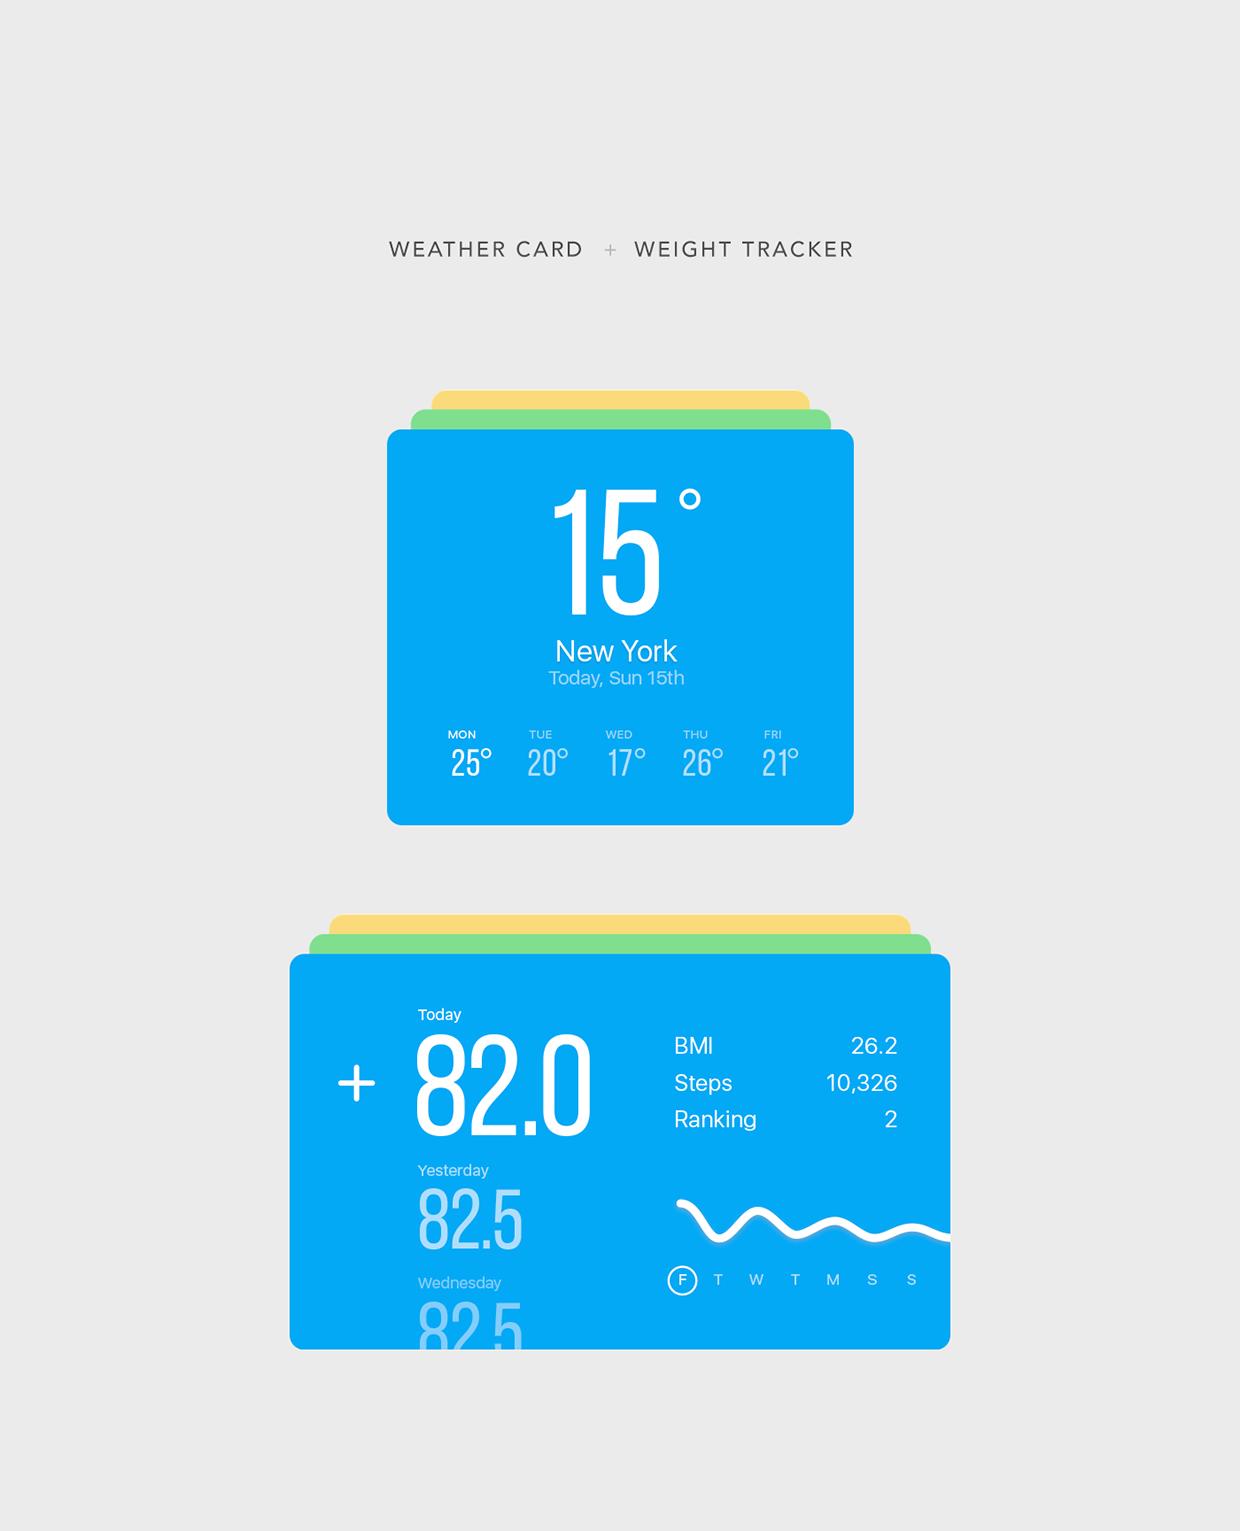 Les expériences d'UI (design d'interface) de Boyan Kostov